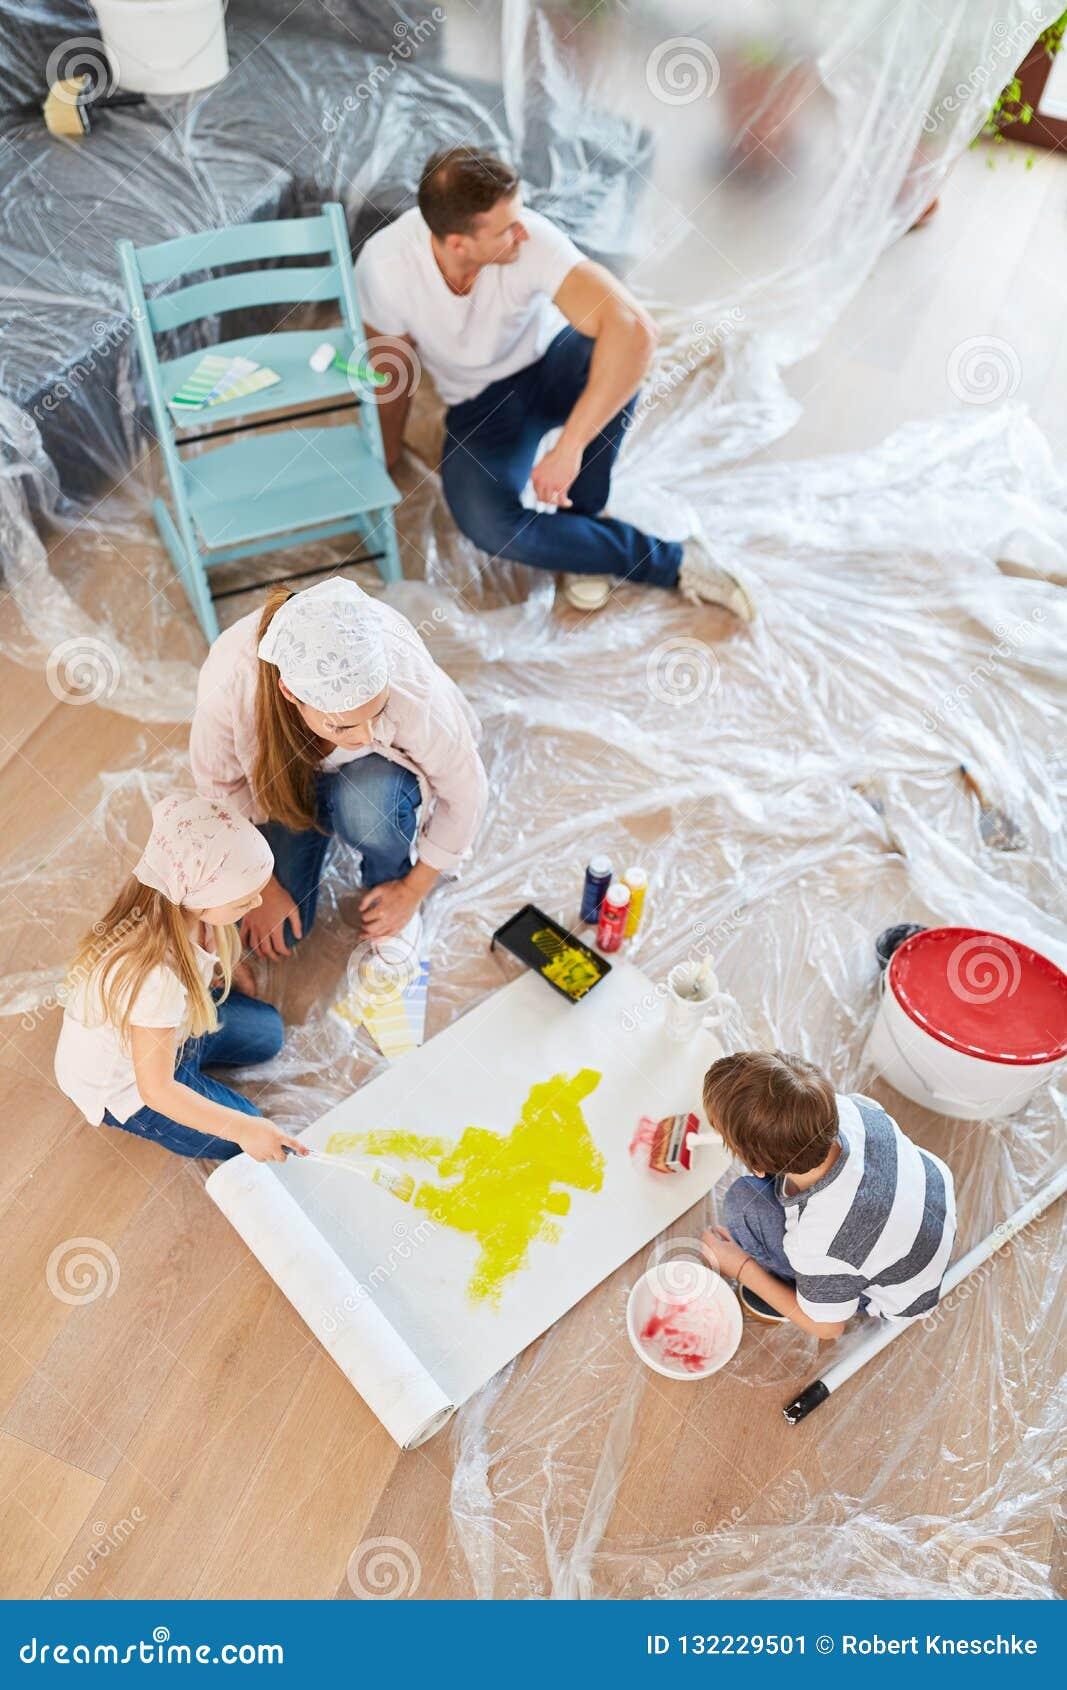 Carta Da Parati O Pittura.Rinnovamento Della Carta Da Parati Della Pittura Dei Bambini A Casa